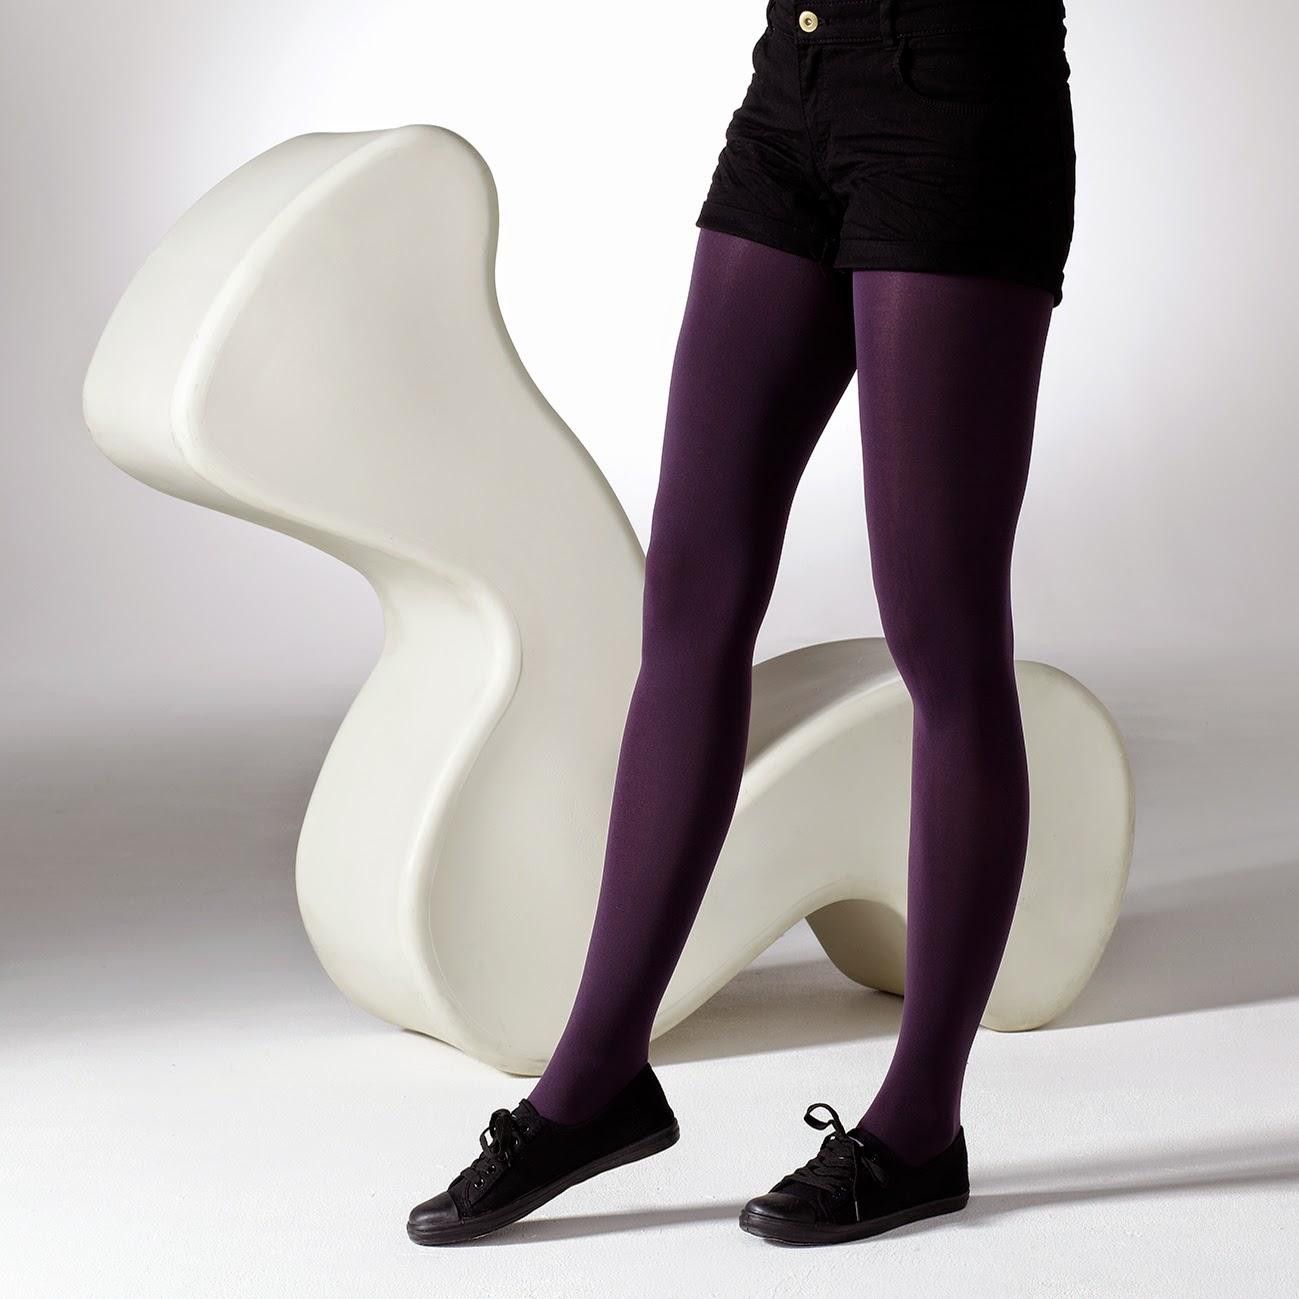 Nikki Intimates Glossy Lace Top Nude 15 Denier Stockings